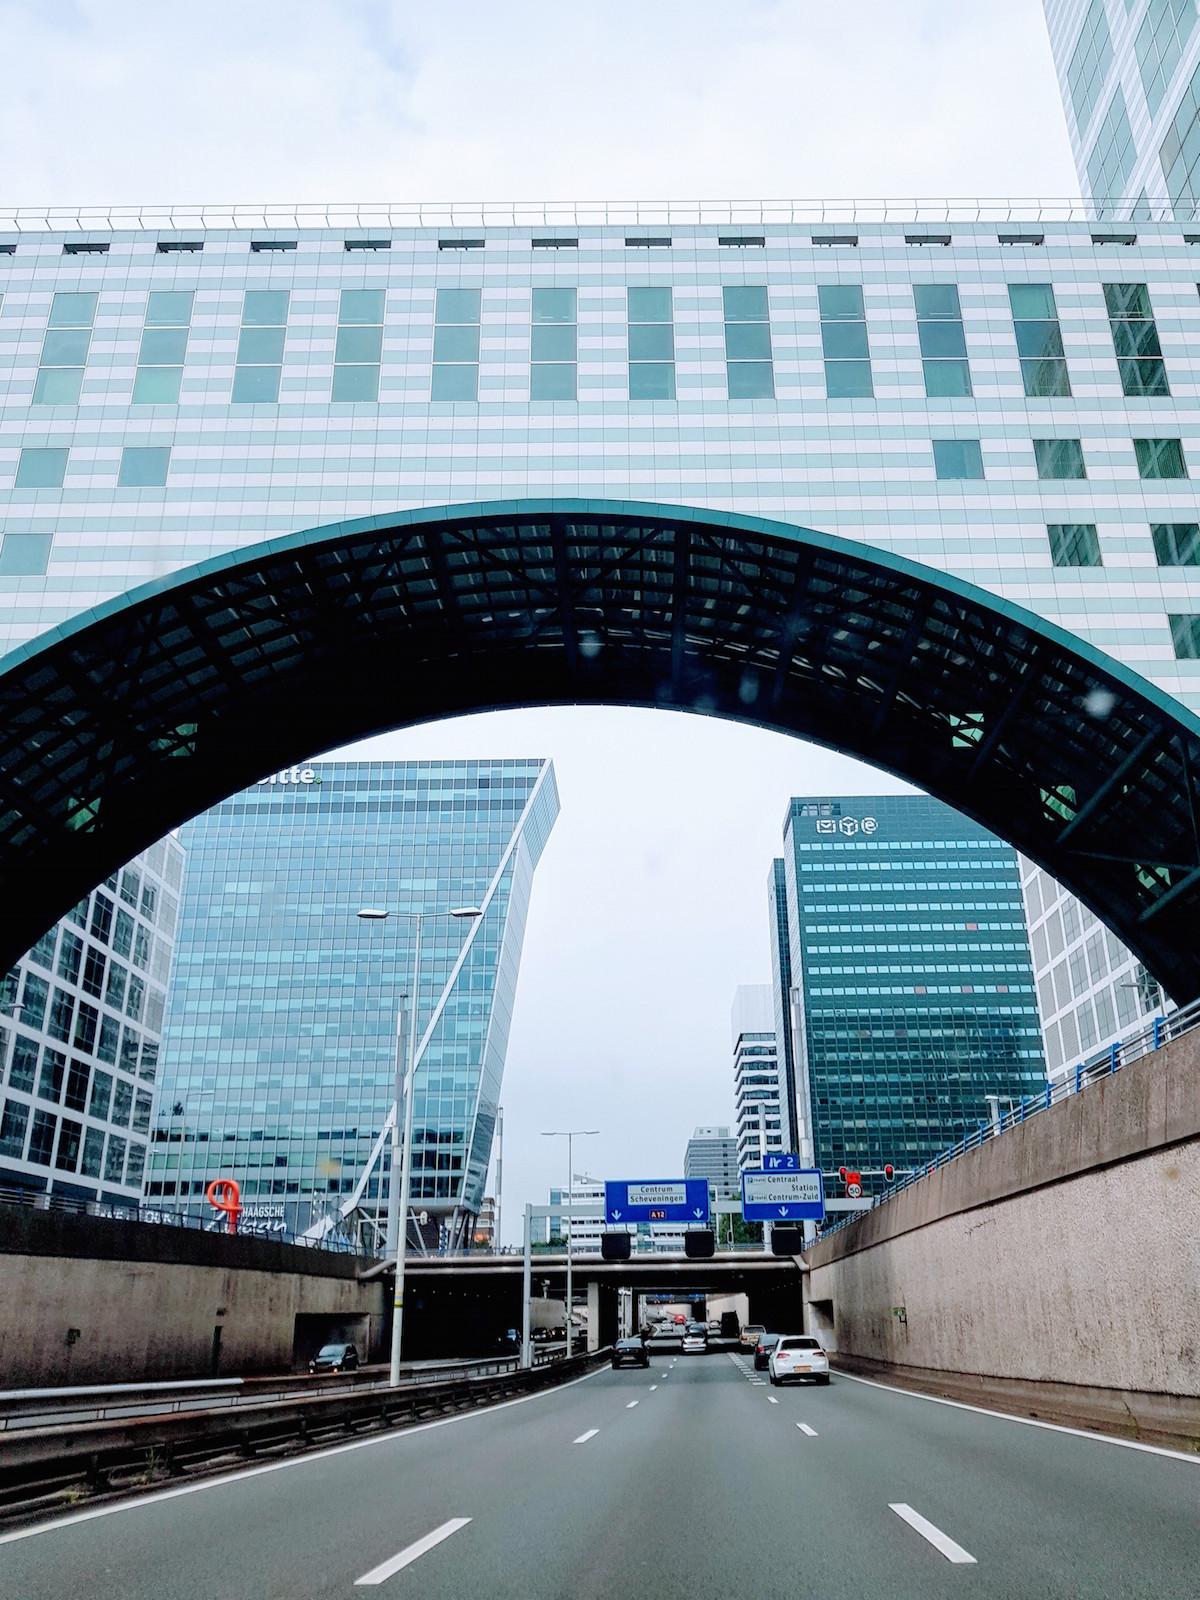 Wochenendurlaub in Den Haag: Autobahn-Tor ins Stadtzentrum